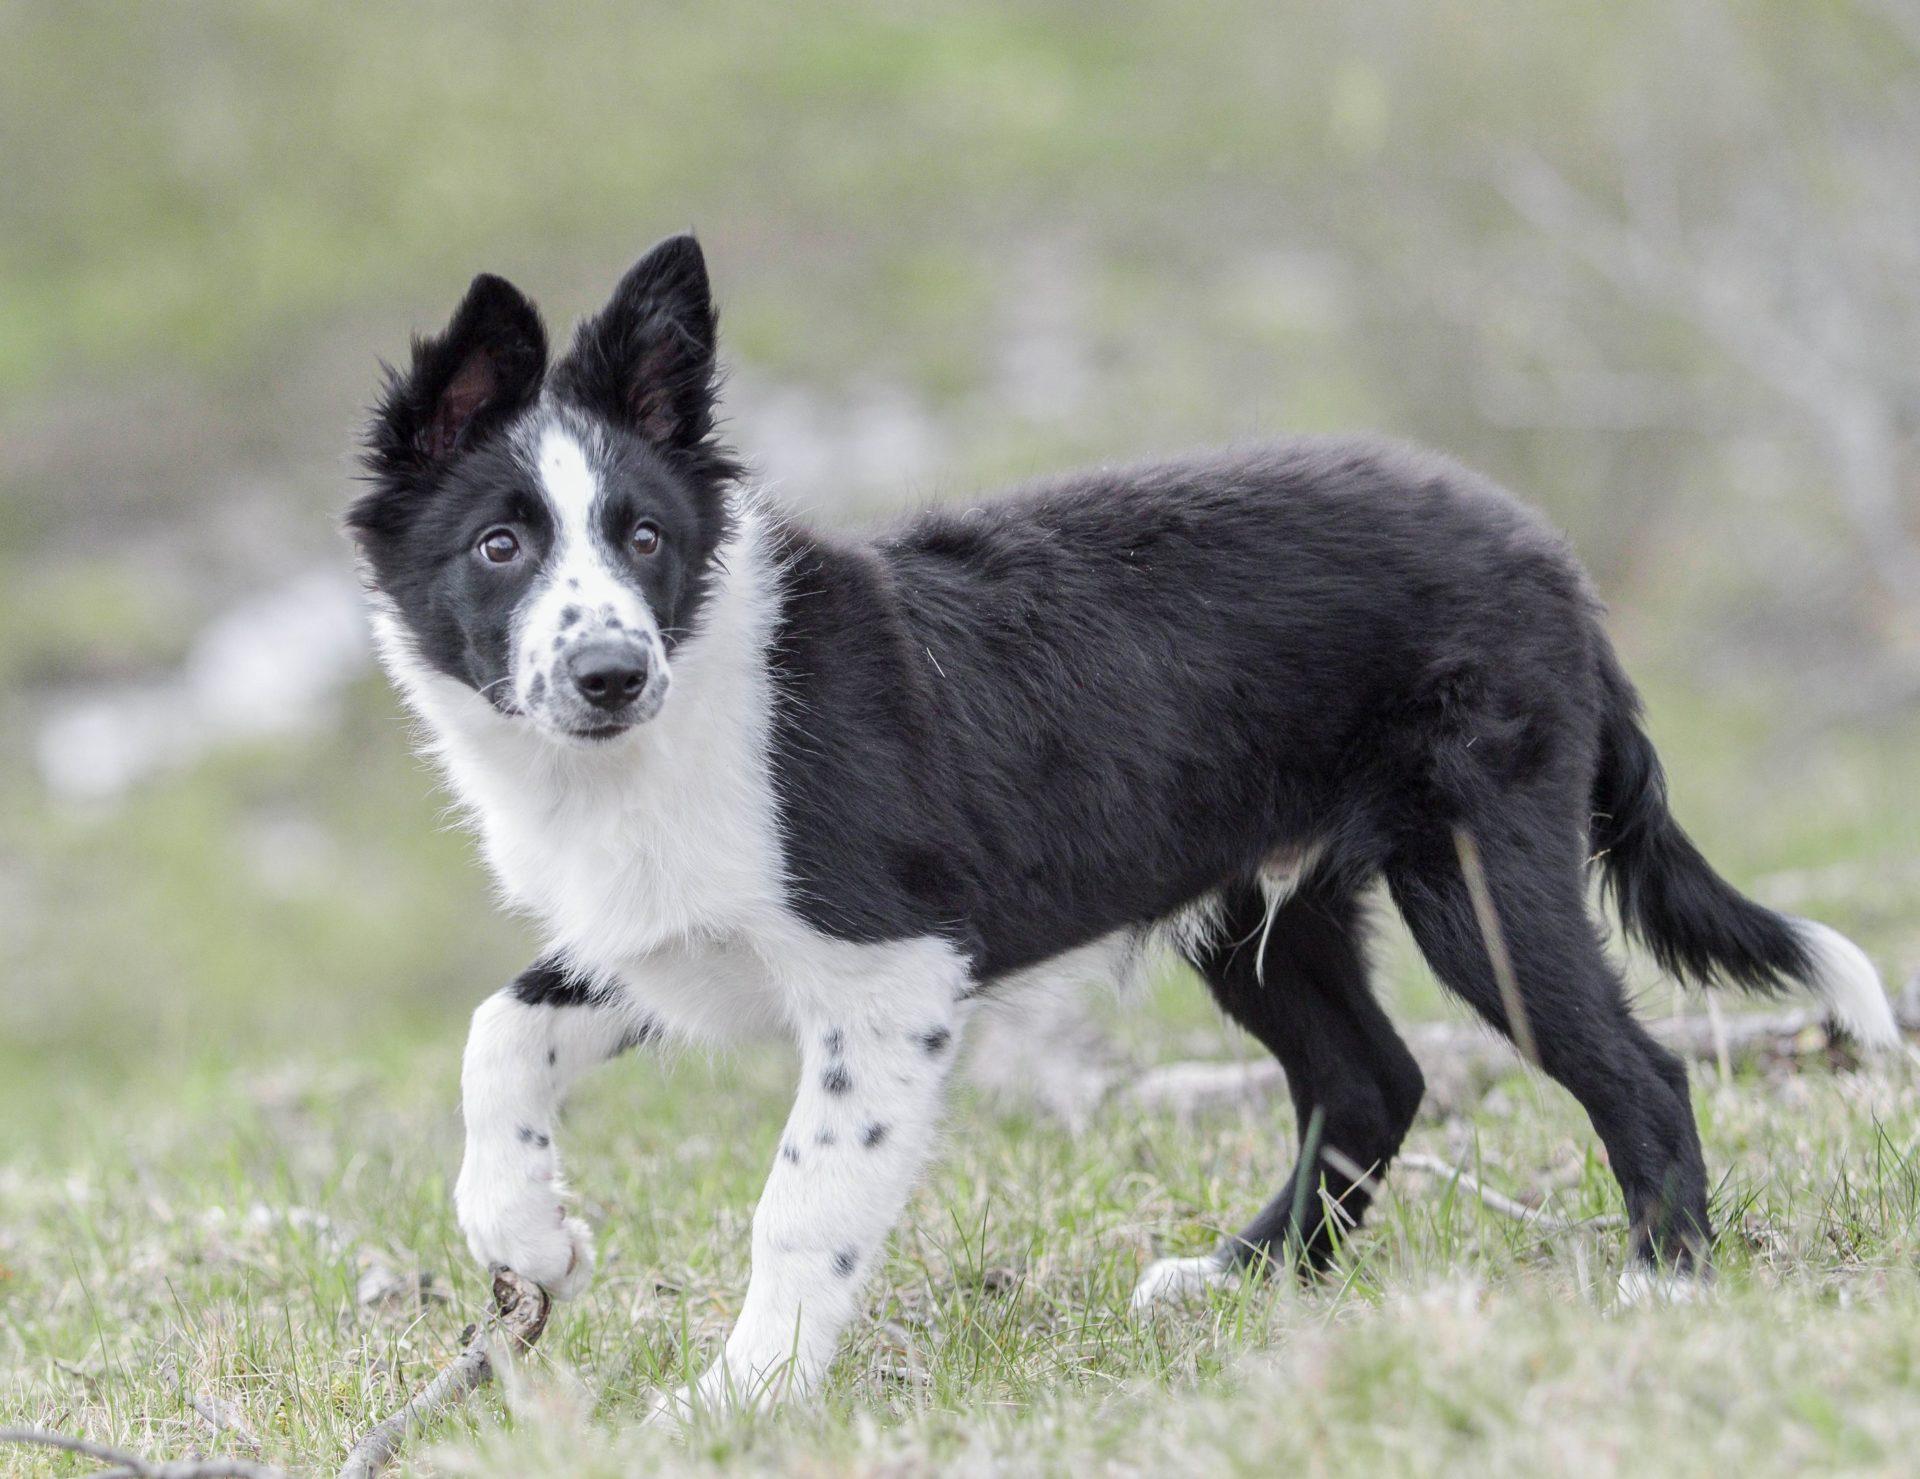 nuori koira katselee pelokkaana ympärilleen